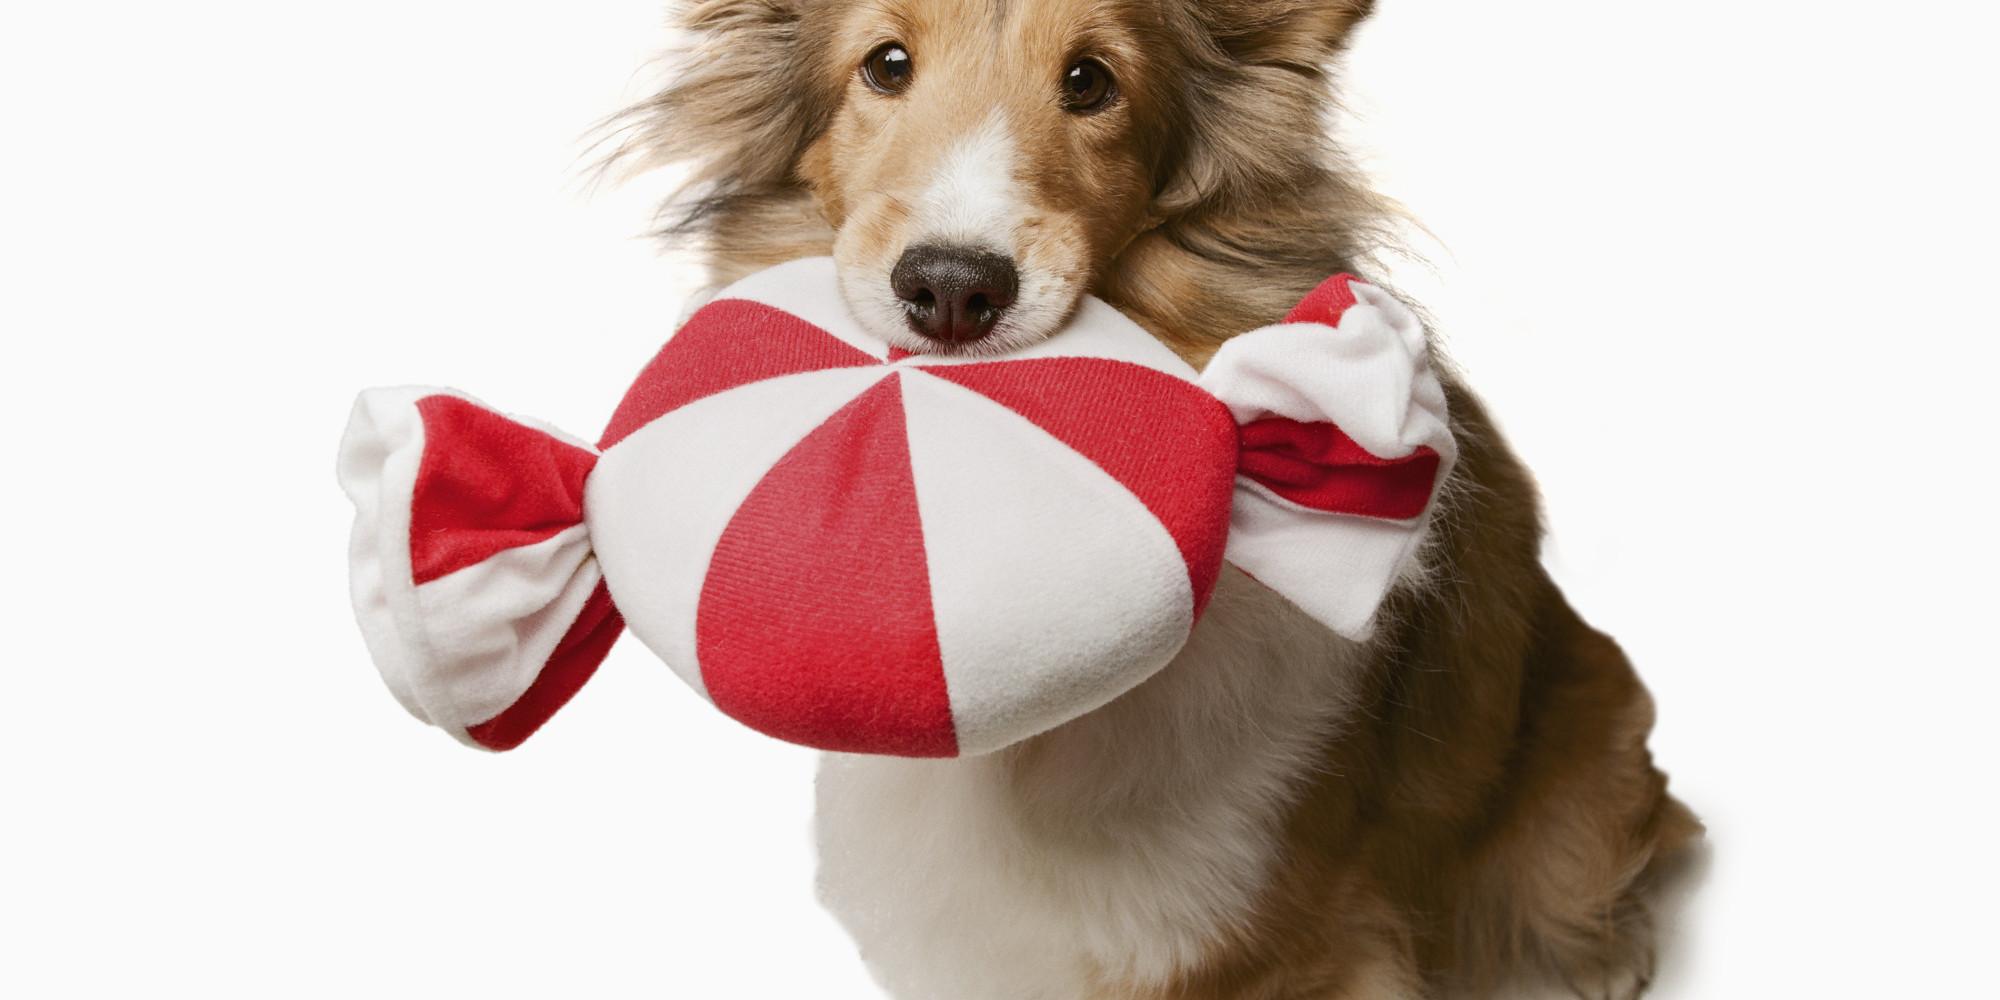 Christmas Snacks And Food That Can Harm Your Dog   HuffPost UK